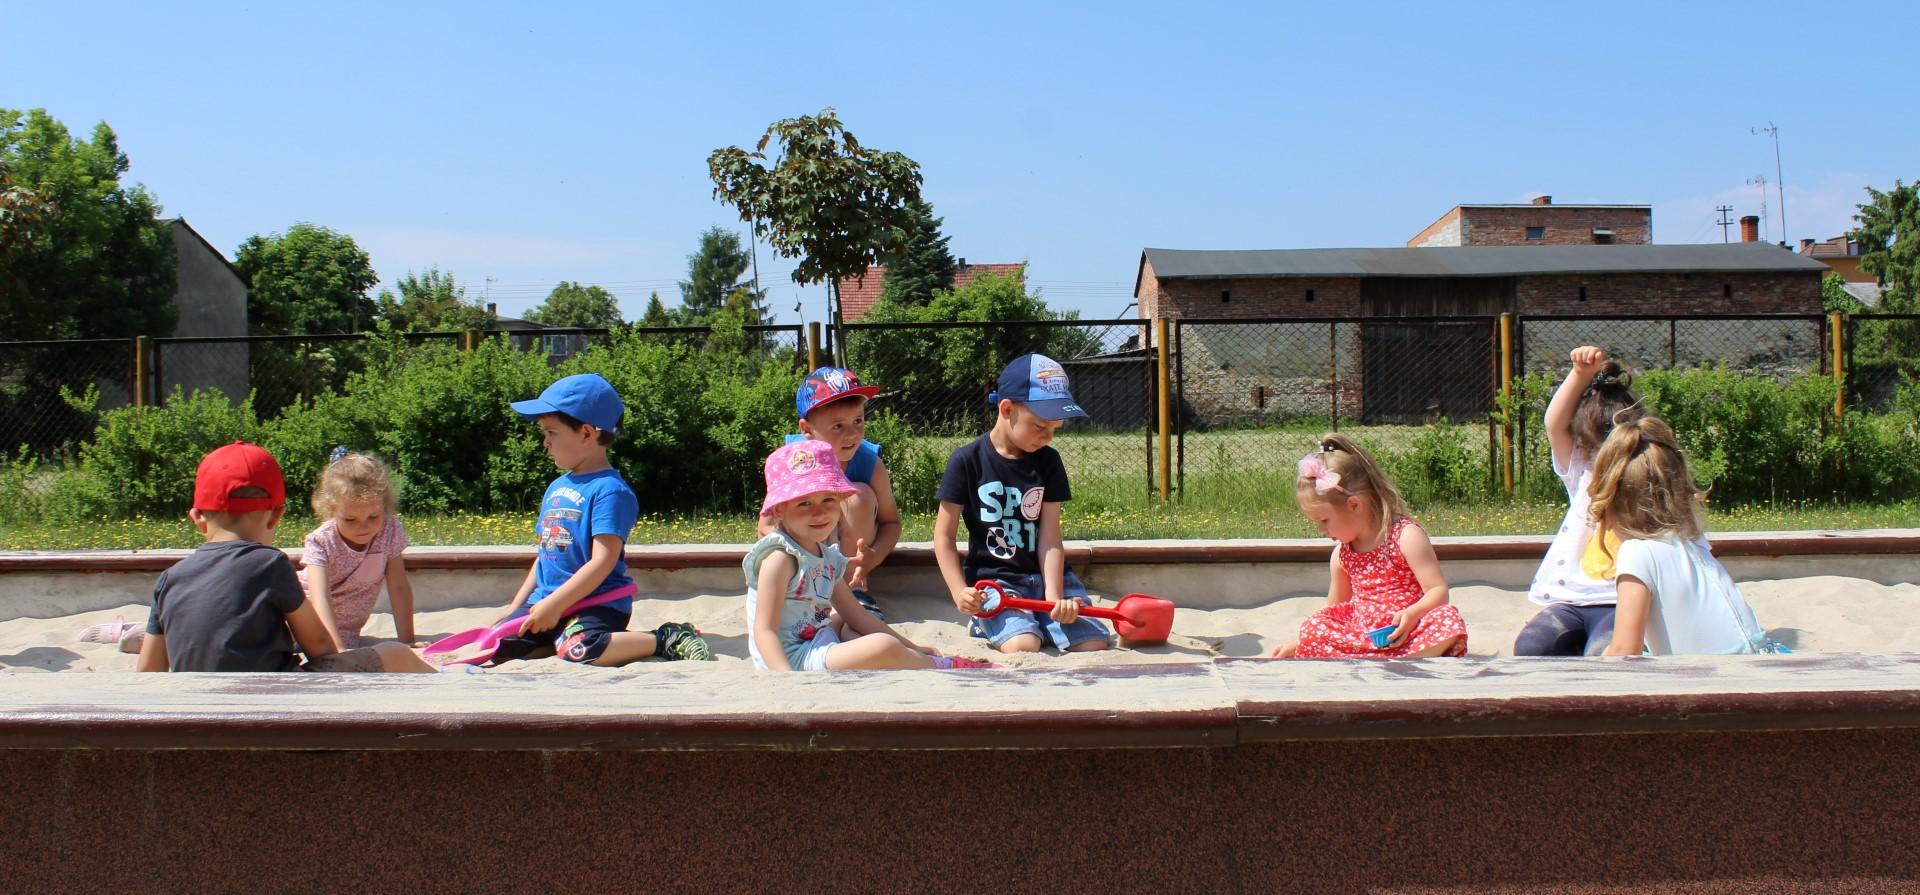 Dzieci bawią z się w piaskownicy.